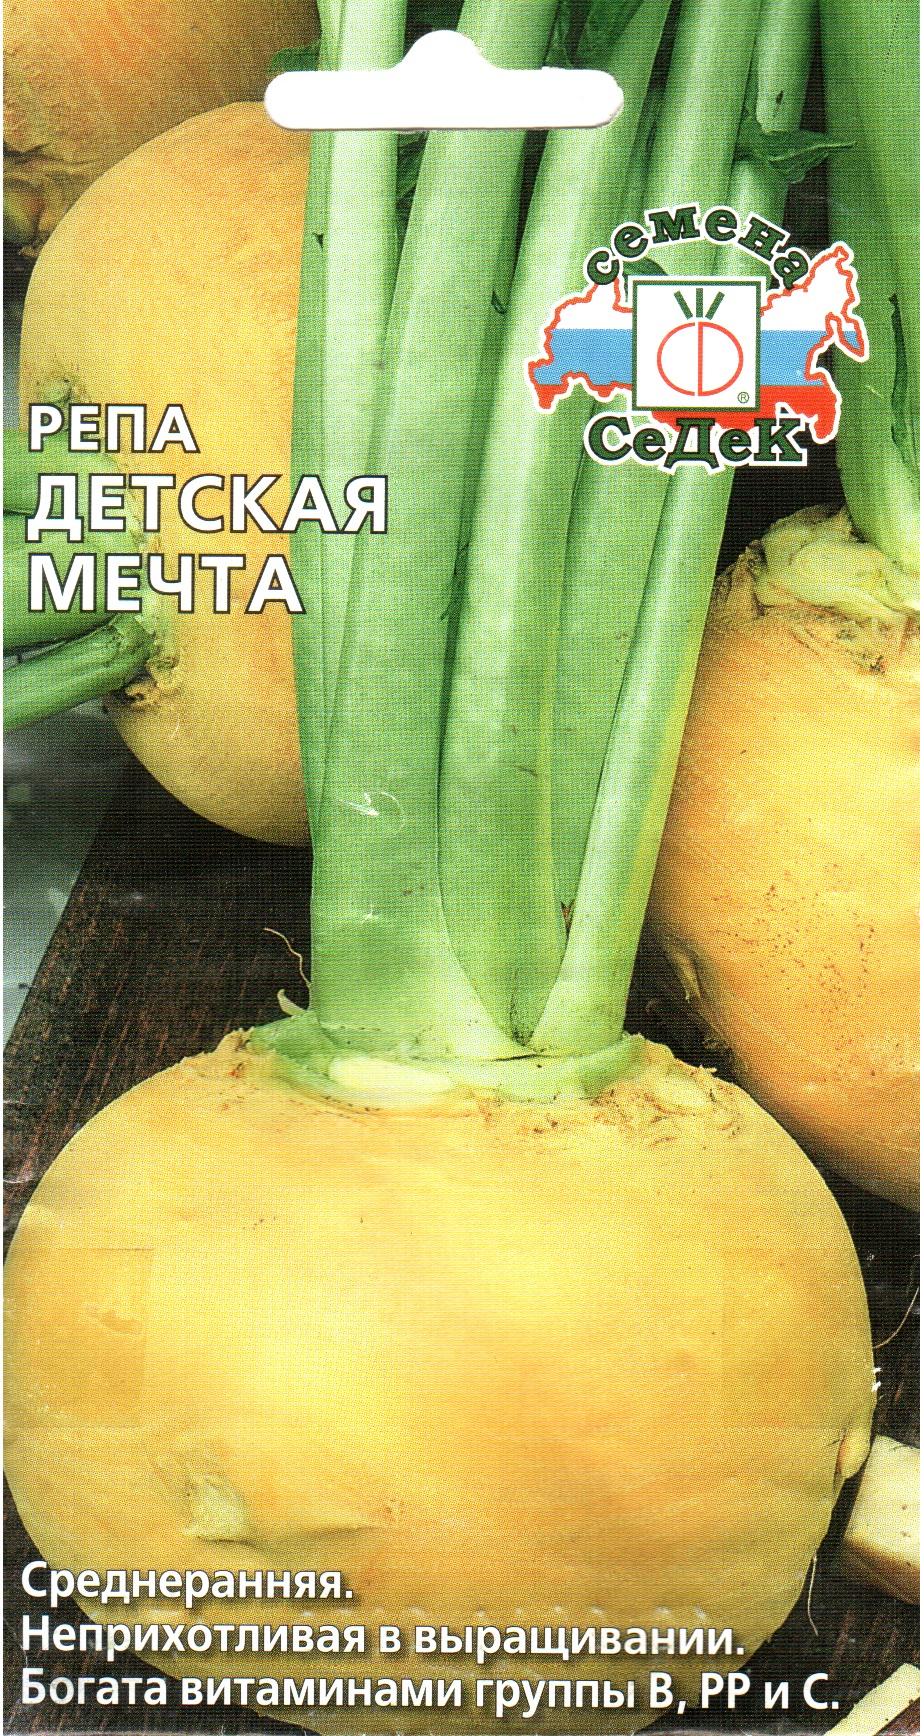 Семена Репа Детская мечта, 1 г, СеДеК